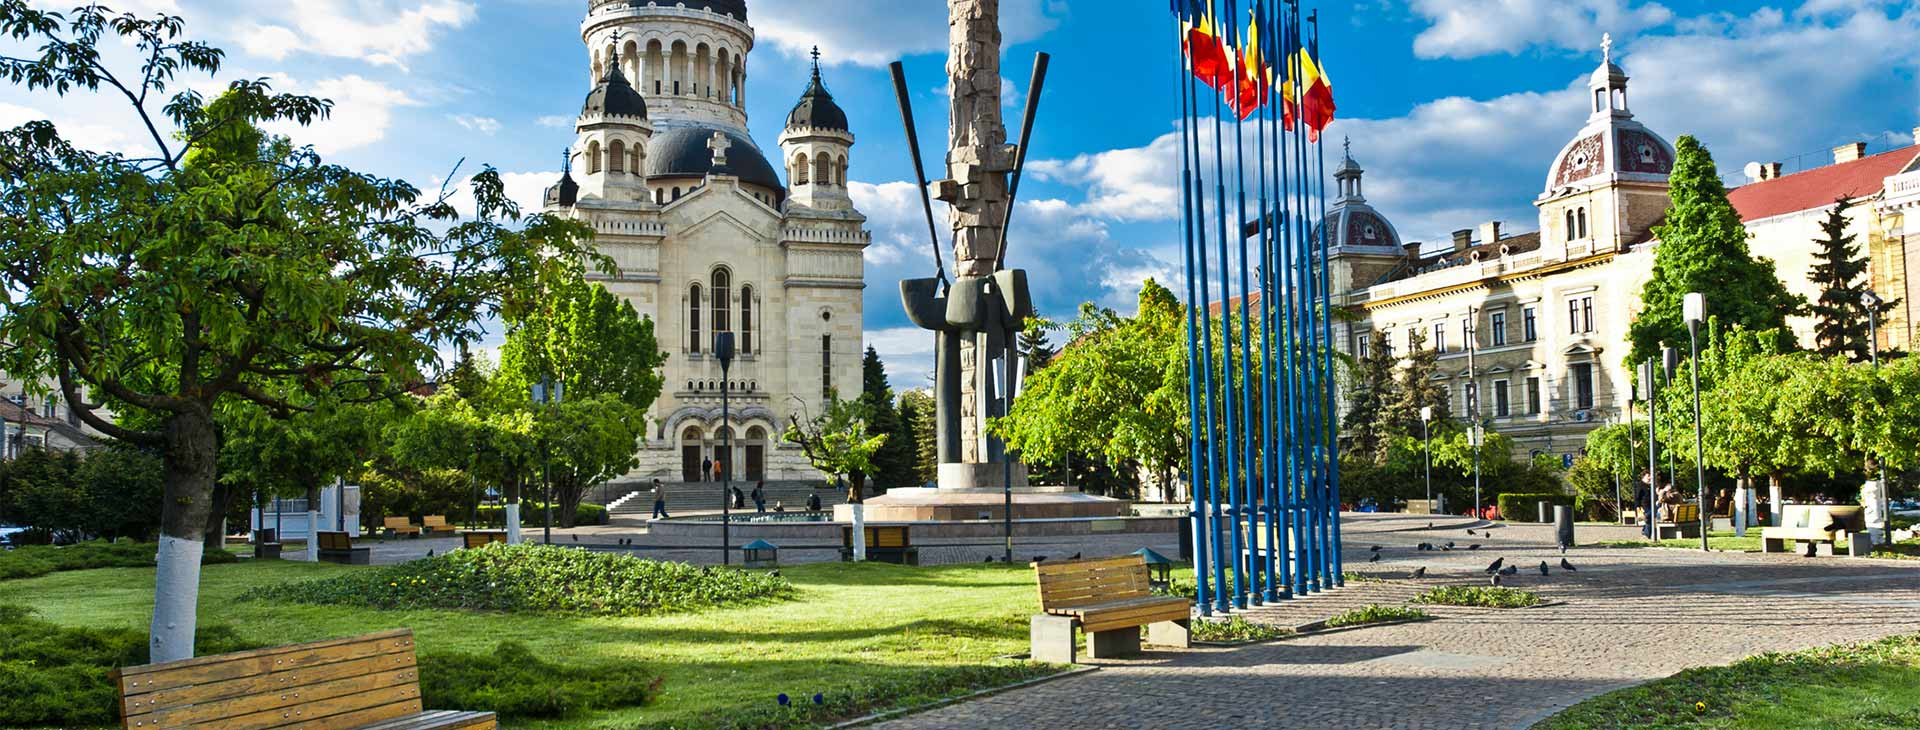 Hrabia Drakula Na Wakacjach - Dla Wygodnych Bułgaria, Wyc. objazdowe